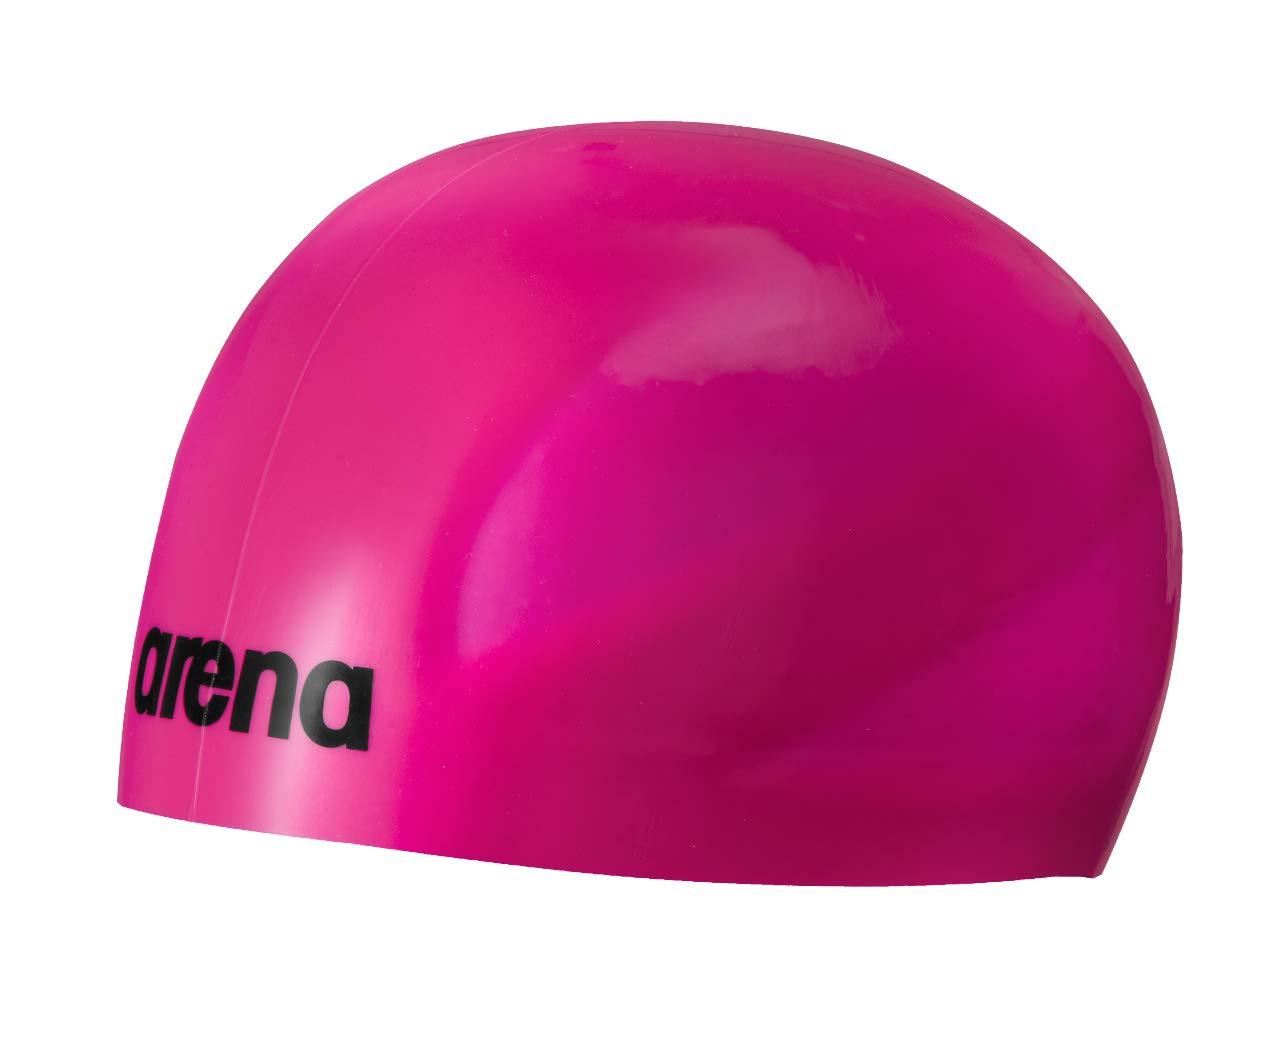 ARENA 3D Ultra Schwimmkappe Unisex Erwachsene, Fuchsia/Schwarz, Einheitsgröße